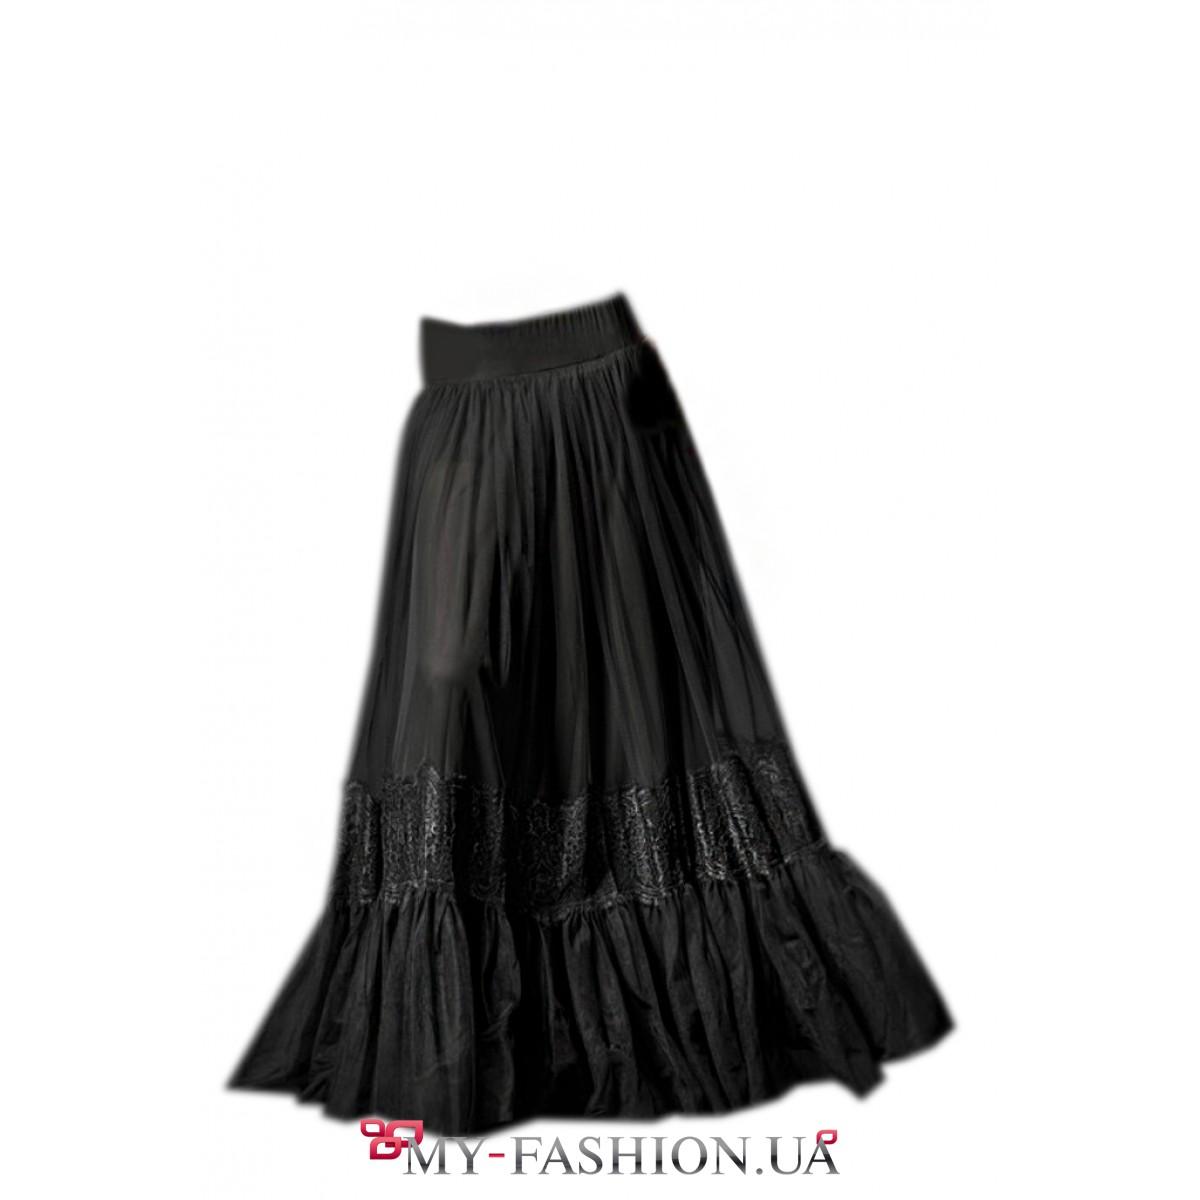 Интернет магазин черная длинная юбка